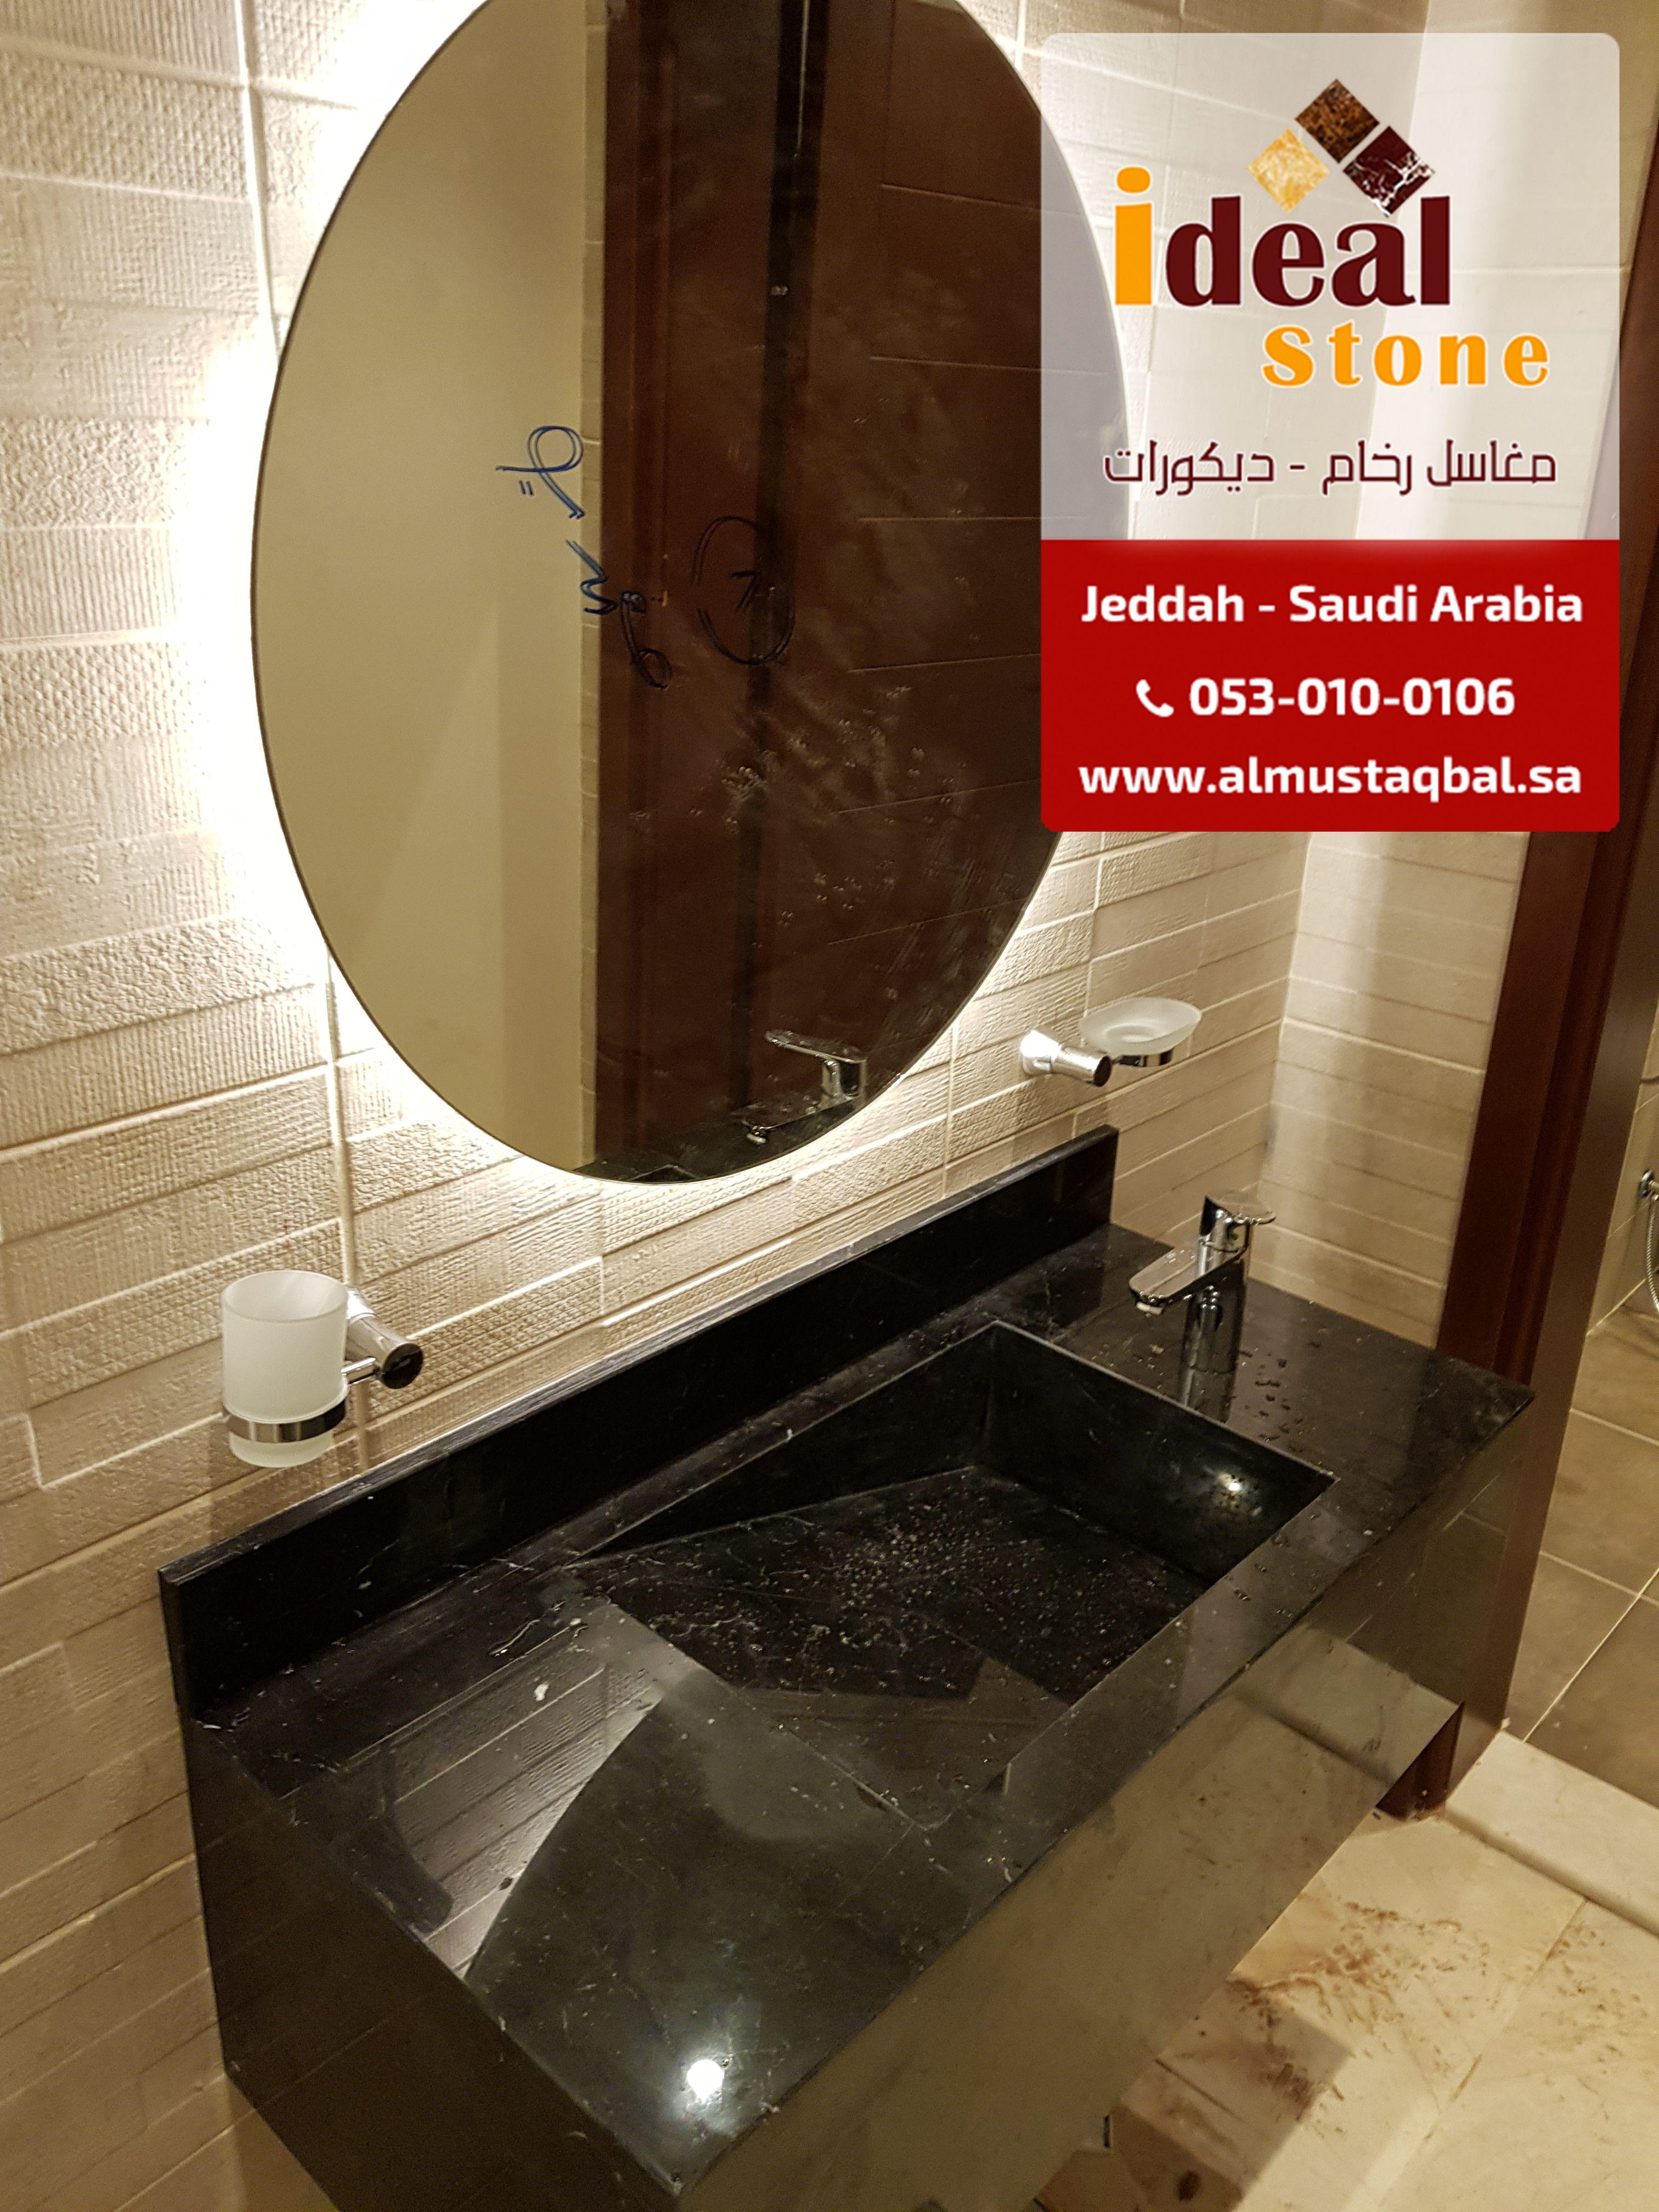 مغسلة رخام طبيعي مركوينا اسباني حوض واحد مغسله مودرن Round Mirror Bathroom Bathroom Design Small Home Office Decor